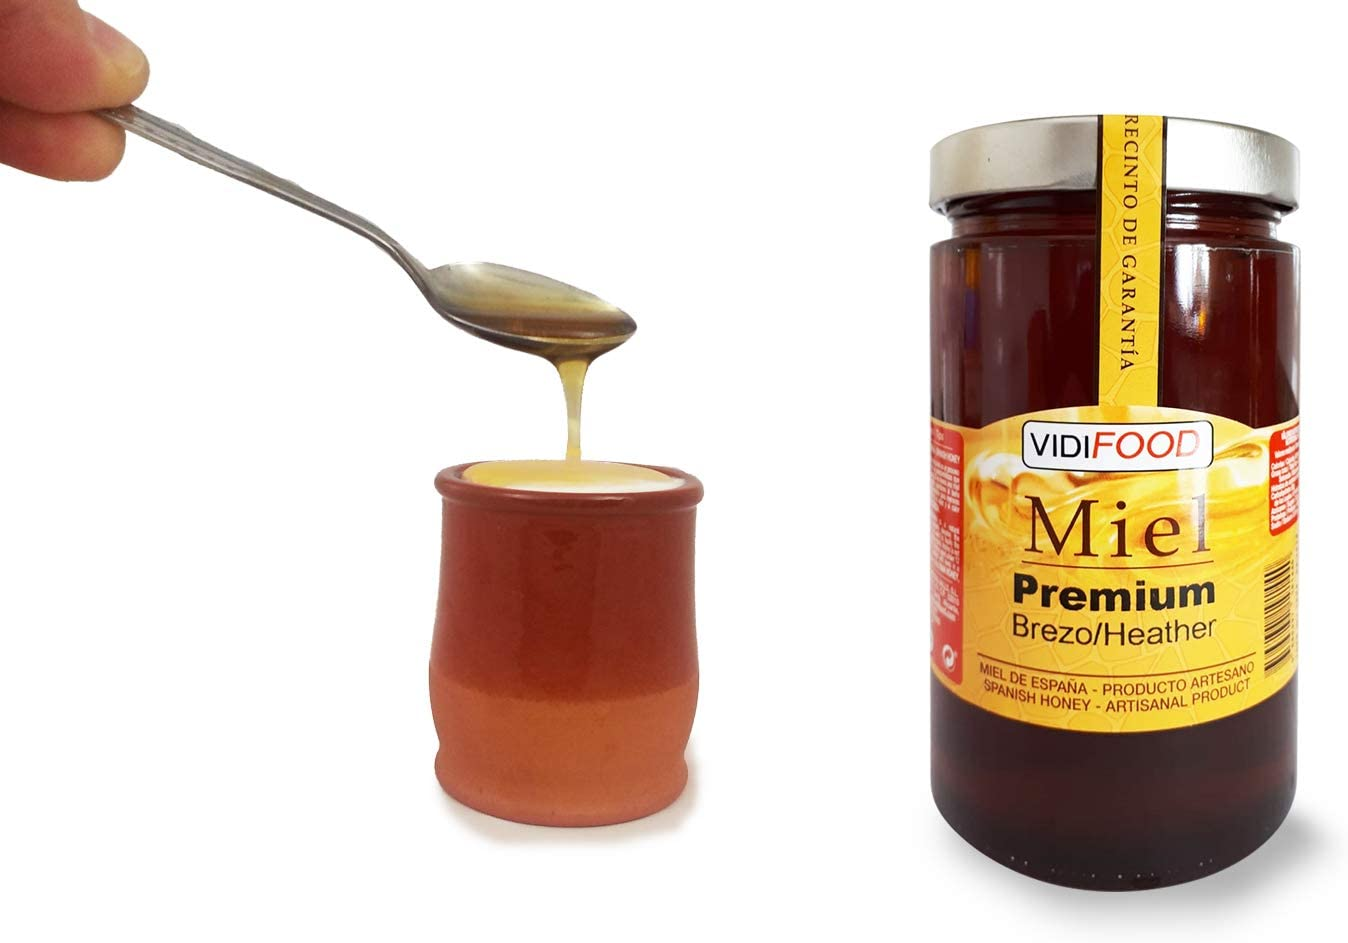 Miel de Brezo Premium - 1kg - Producida en España - Alta Calidad, tradicional & 100% pura - Aroma Intenso y Sabor Rico y Dulce - Amplia variedad de Deliciosos Sabores: Amazon.es: Alimentación y bebidas